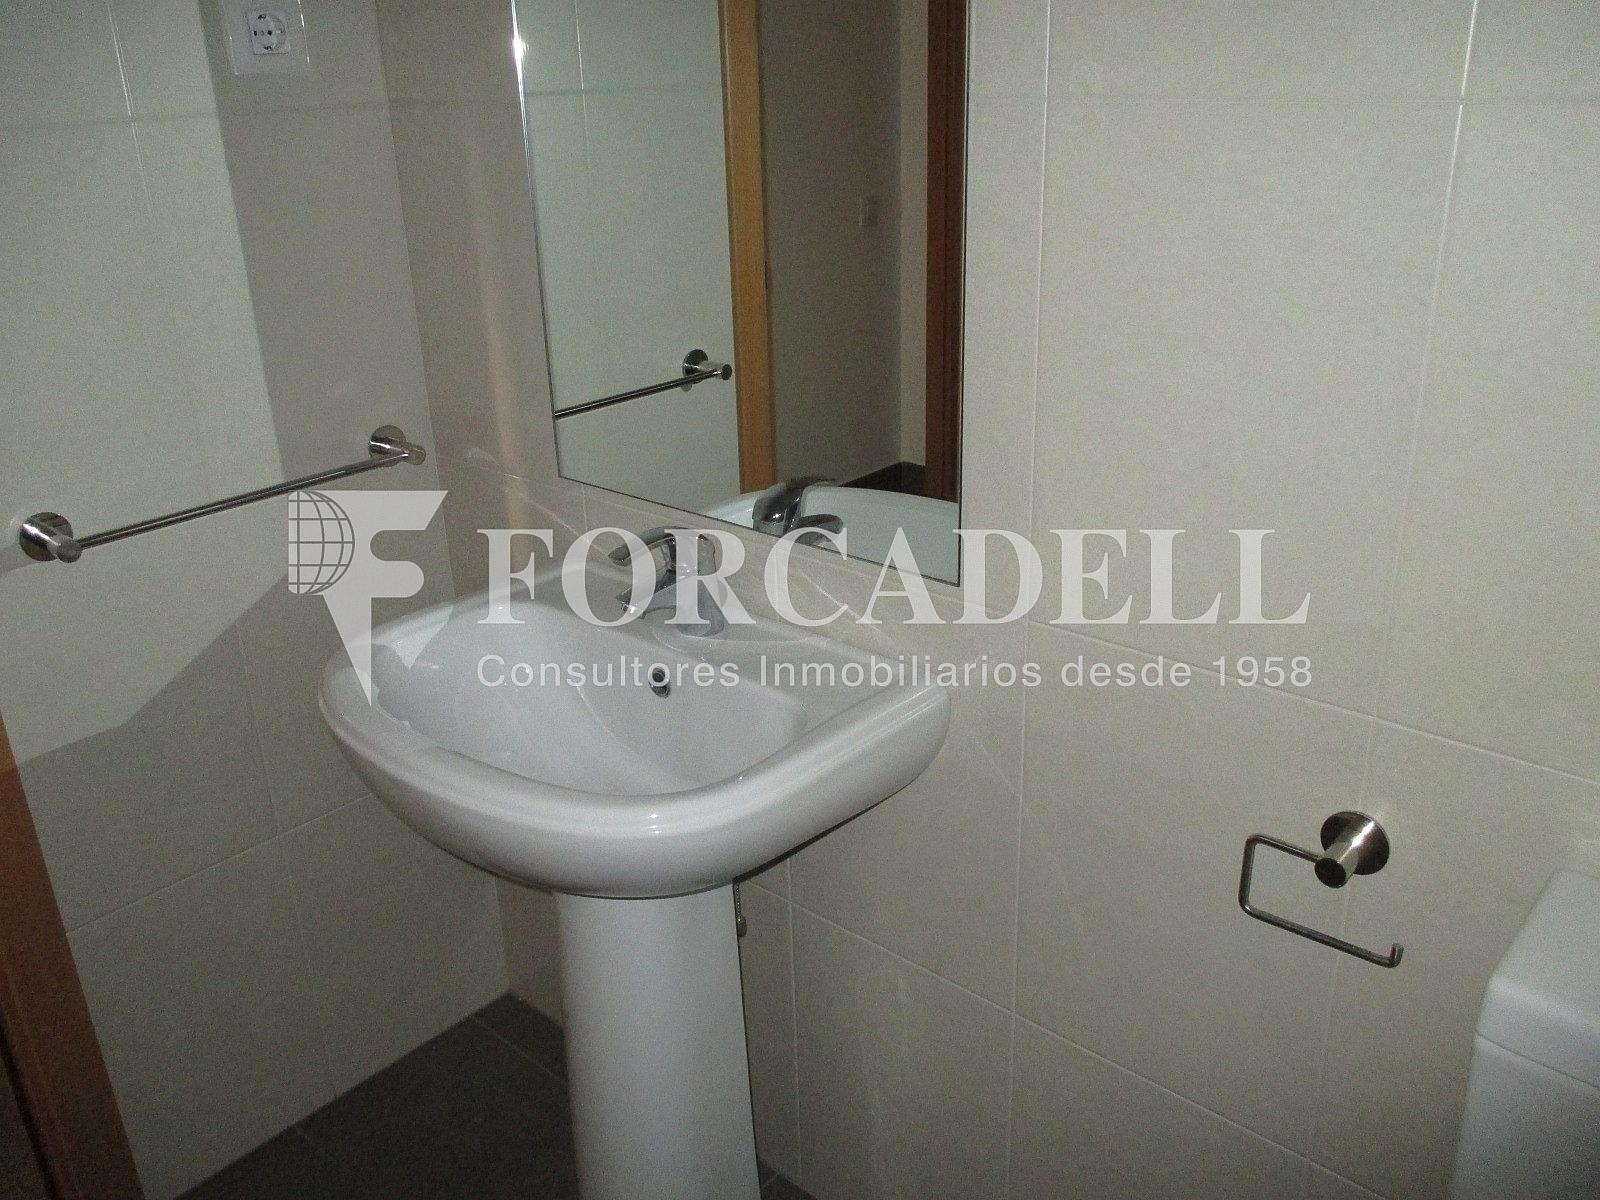 IMG_2668 - Piso en alquiler en calle Merce Rodoreda, Can clota en Esplugues de Llobregat - 331432044